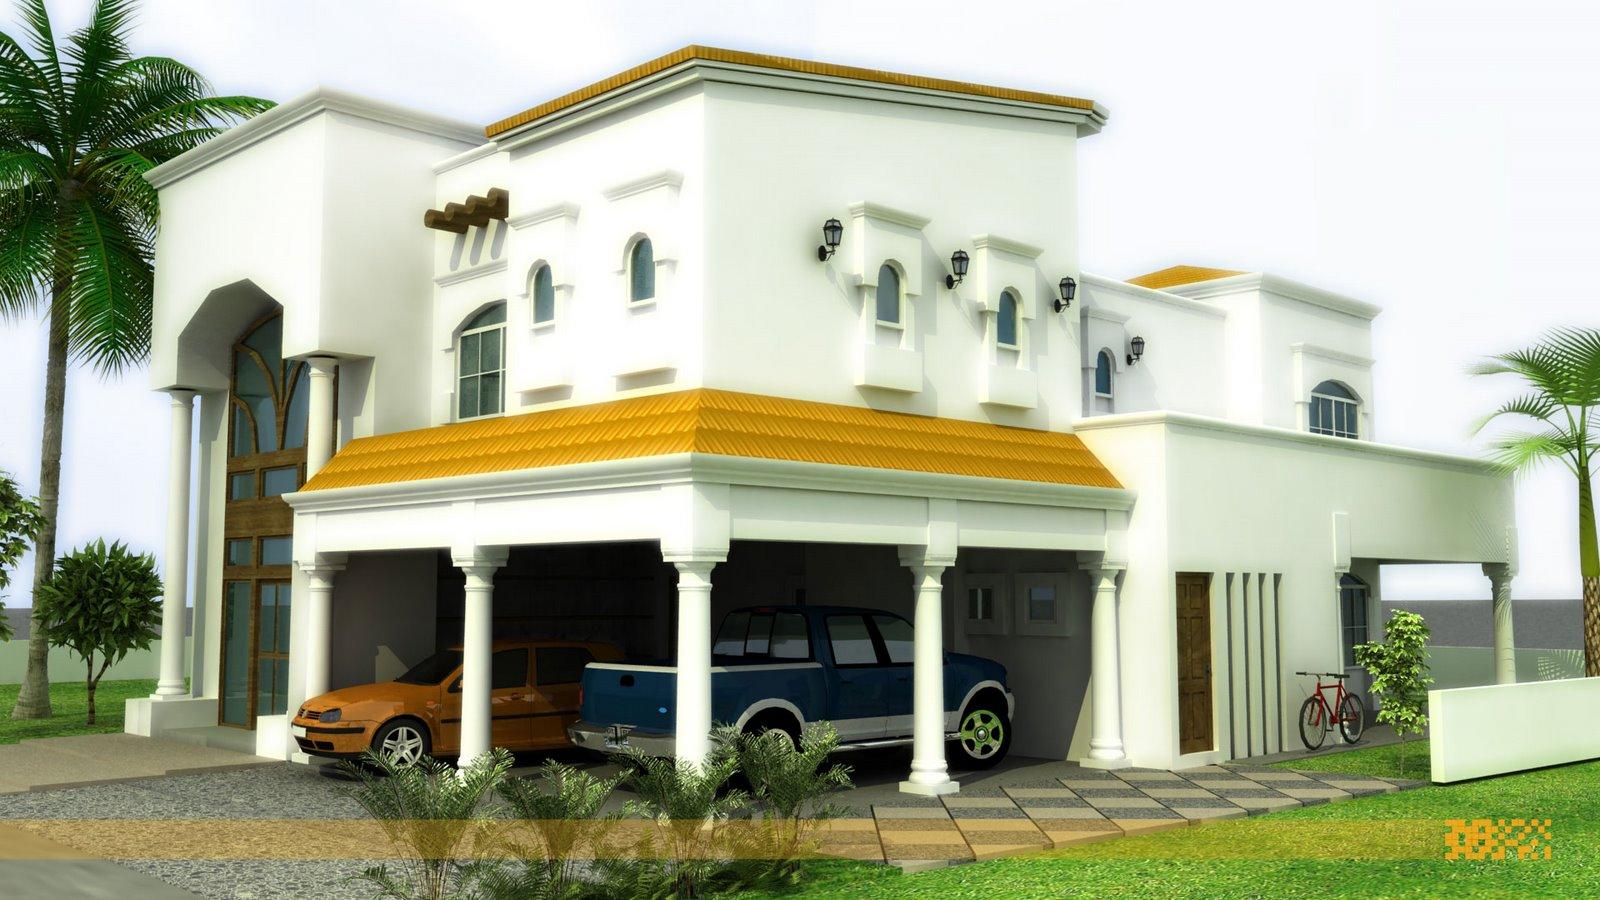 D Front Elevations : Front elevation modern house home design inside